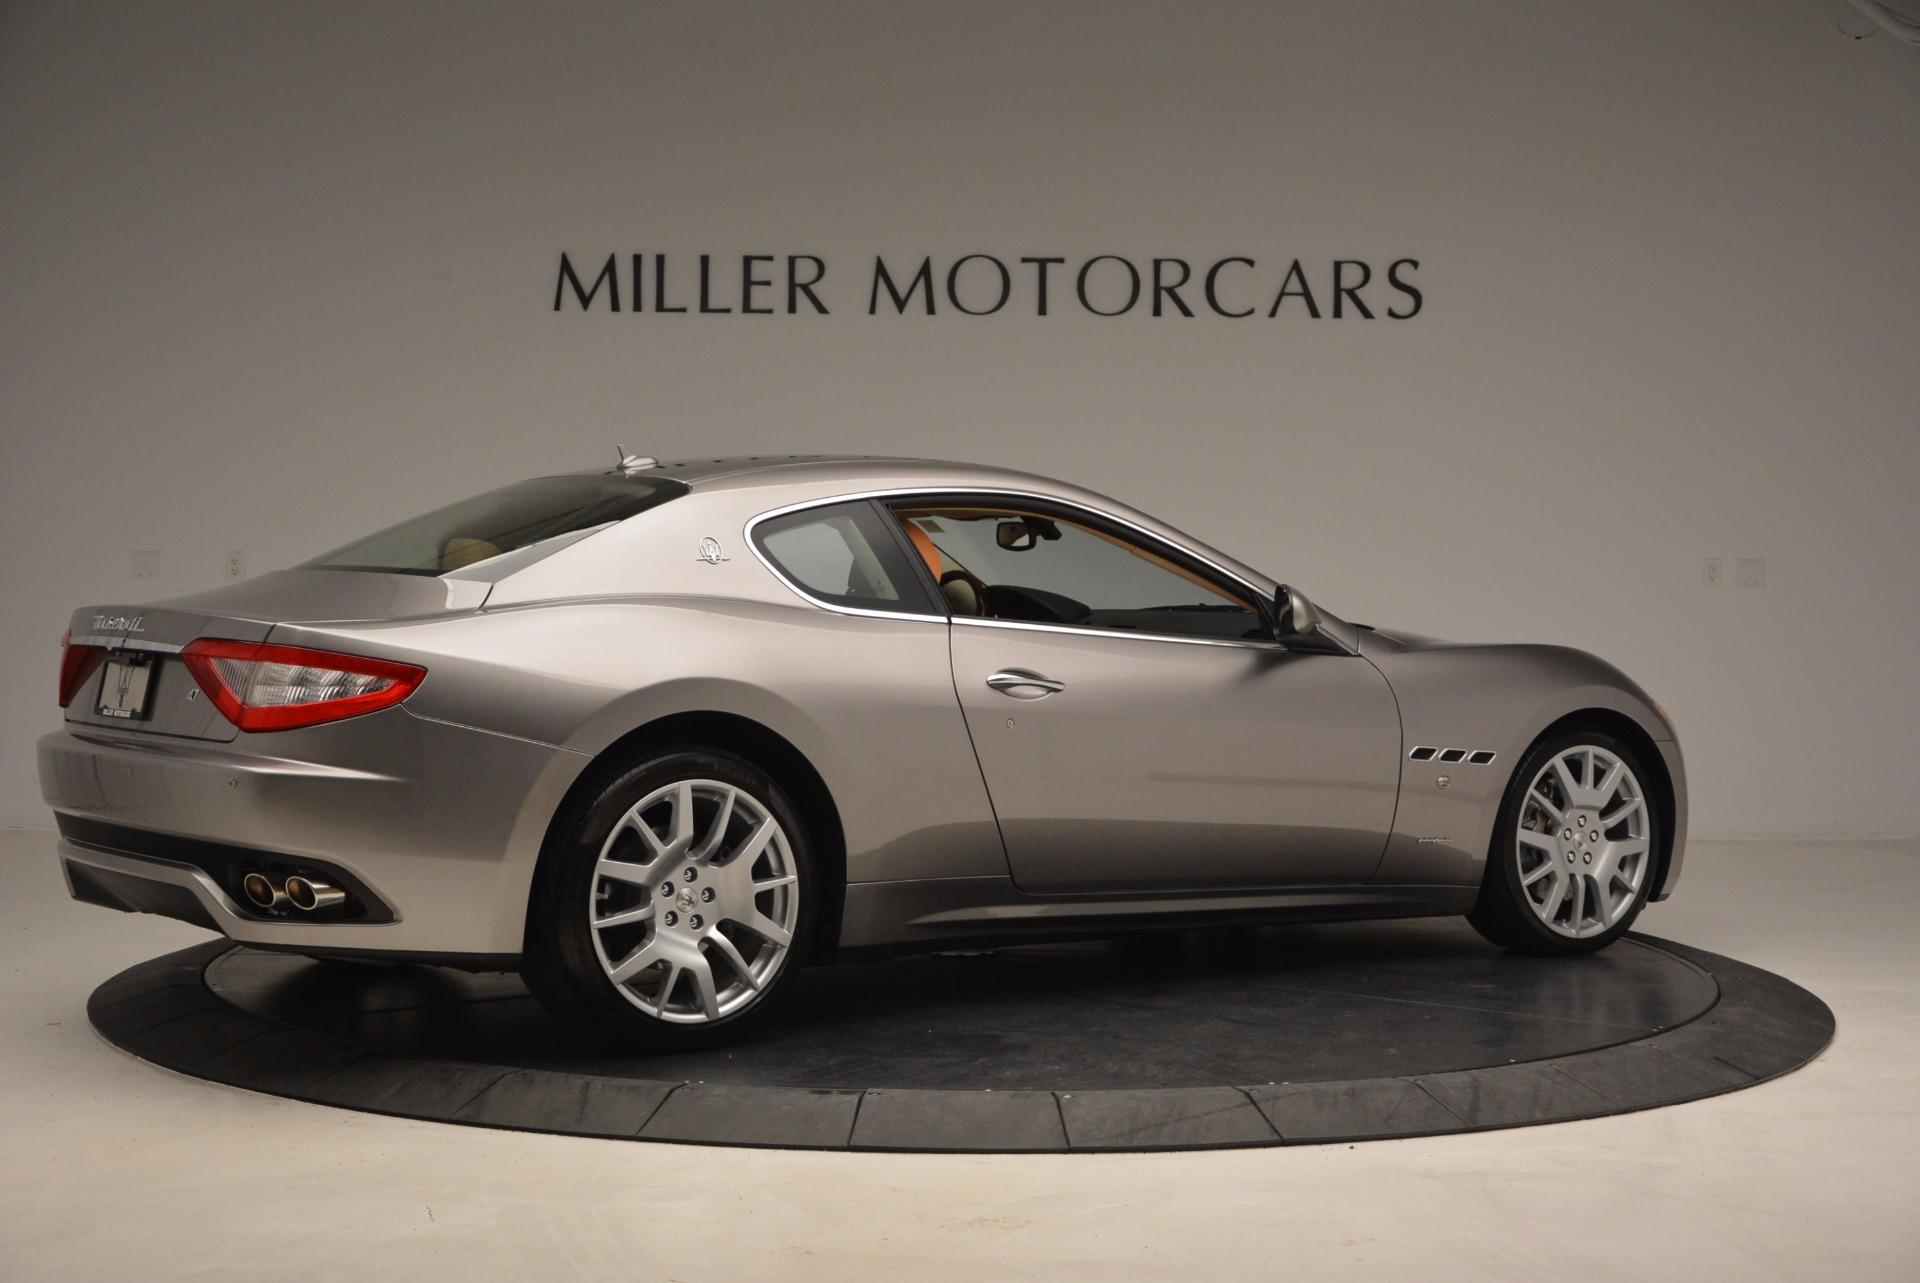 Used 2009 Maserati GranTurismo S For Sale In Greenwich, CT 1063_p8